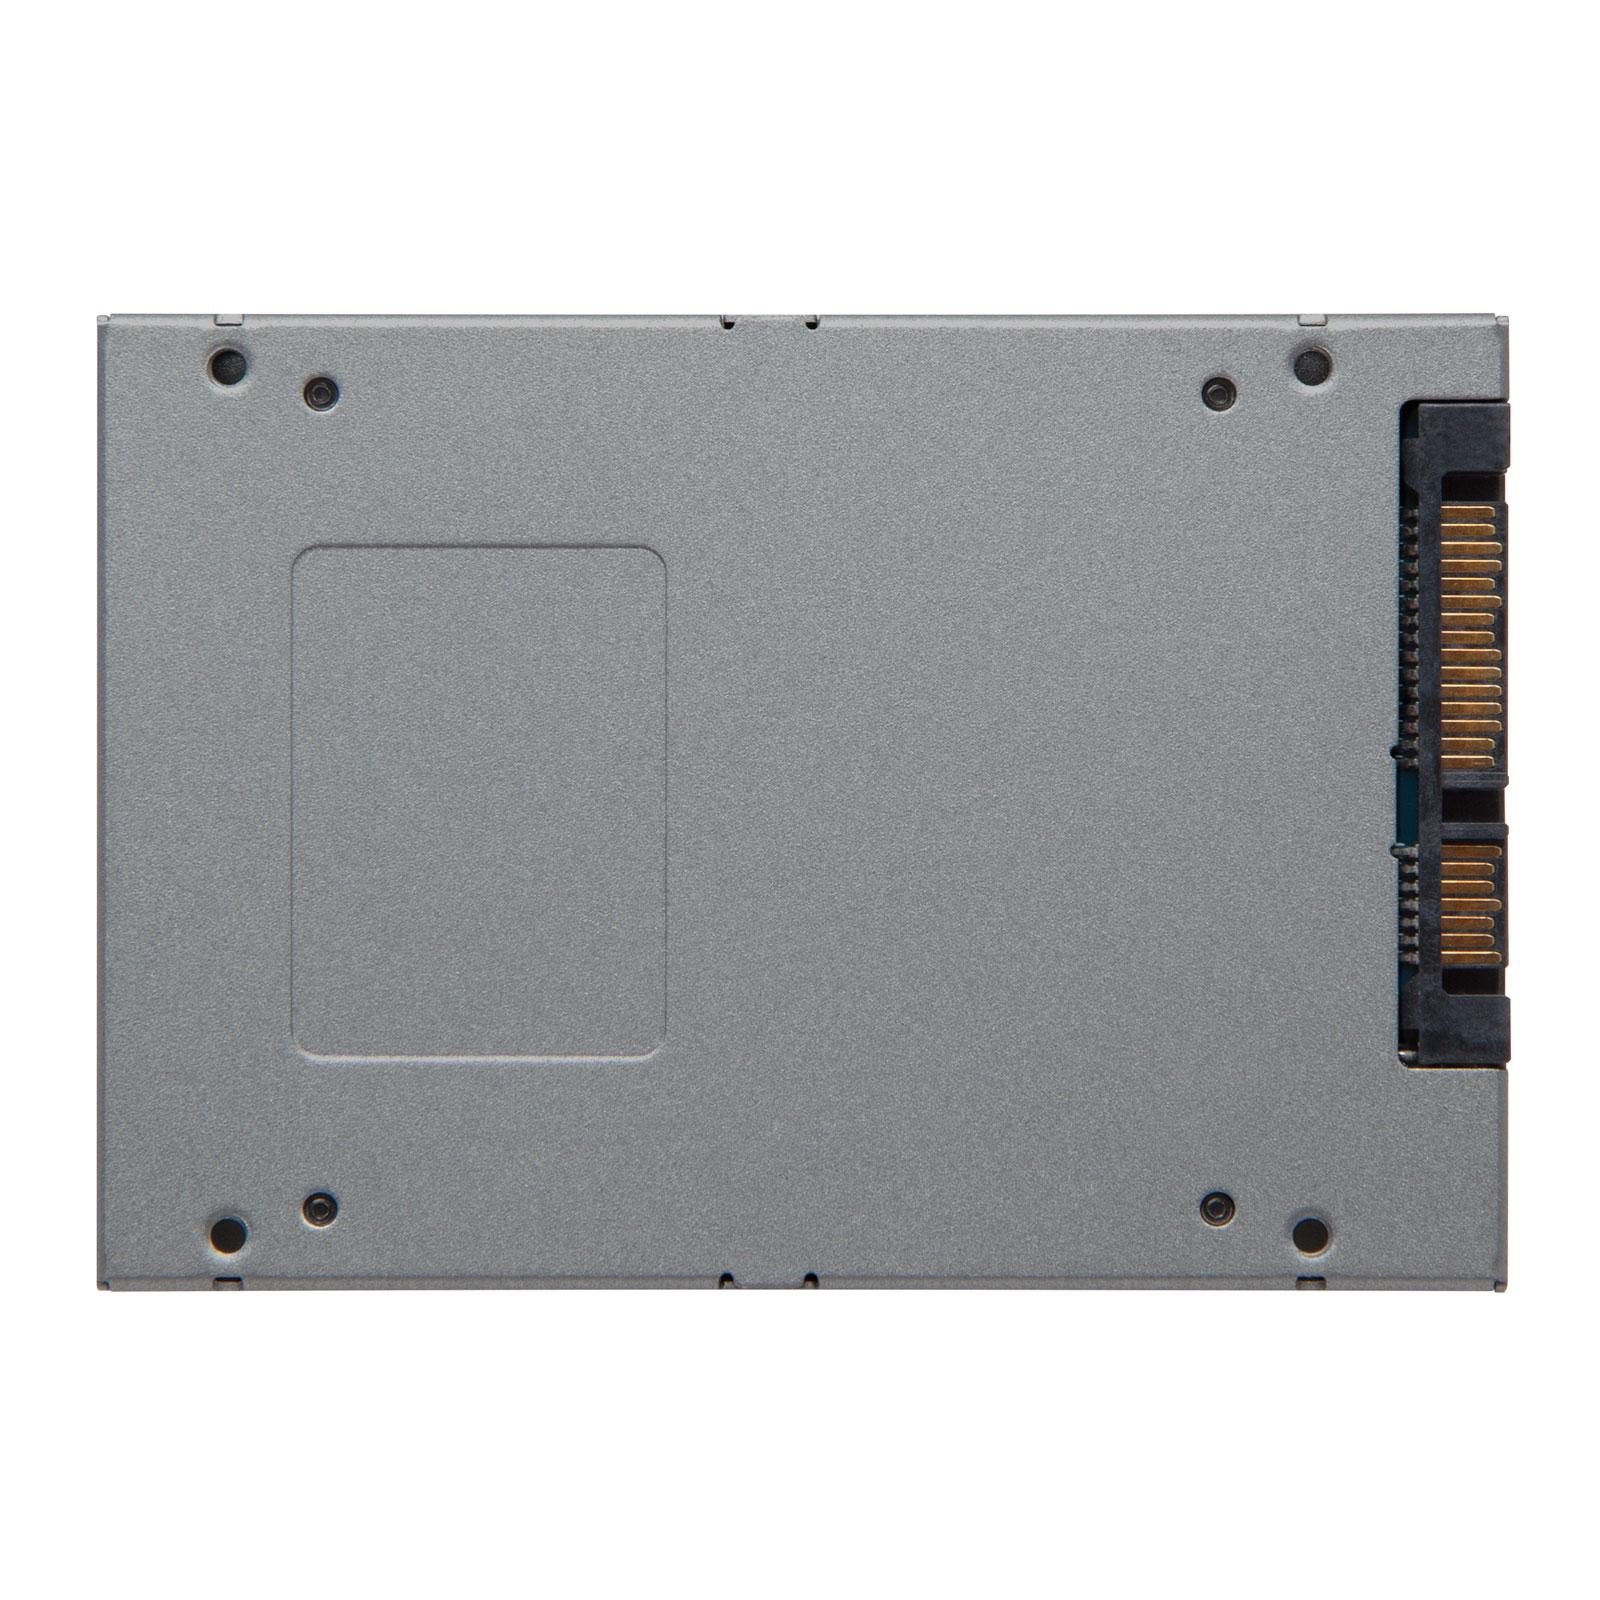 Kingston UV500 120-128Go - Disque SSD Kingston - Cybertek.fr - 1